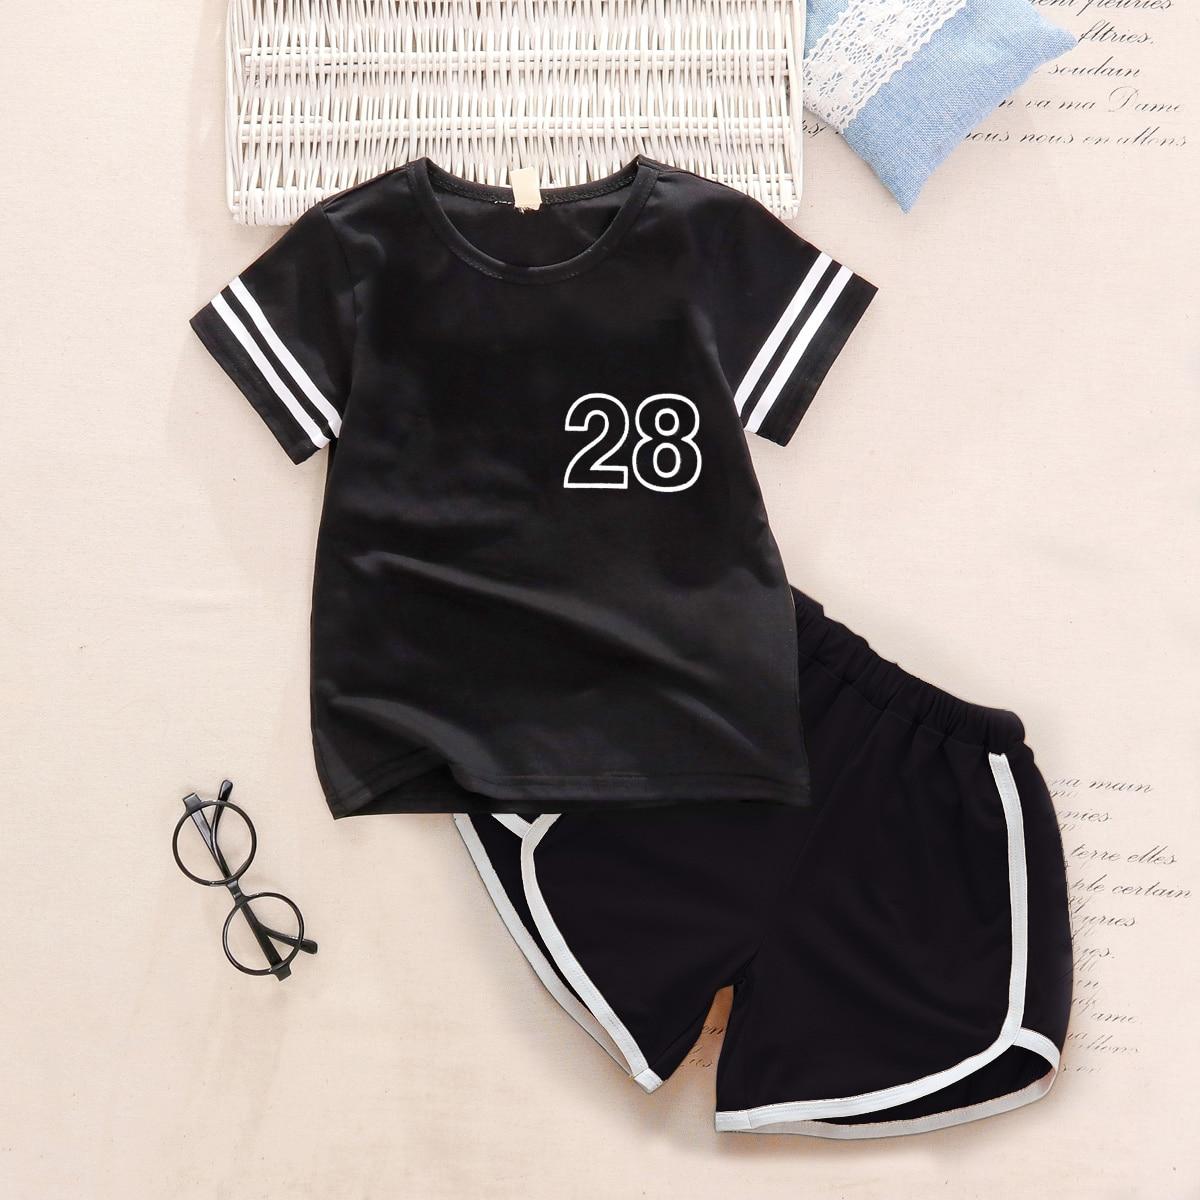 Черный Контрастная отделка Полосатые изображения Спортивный Комплекты для мальчиков от SHEIN